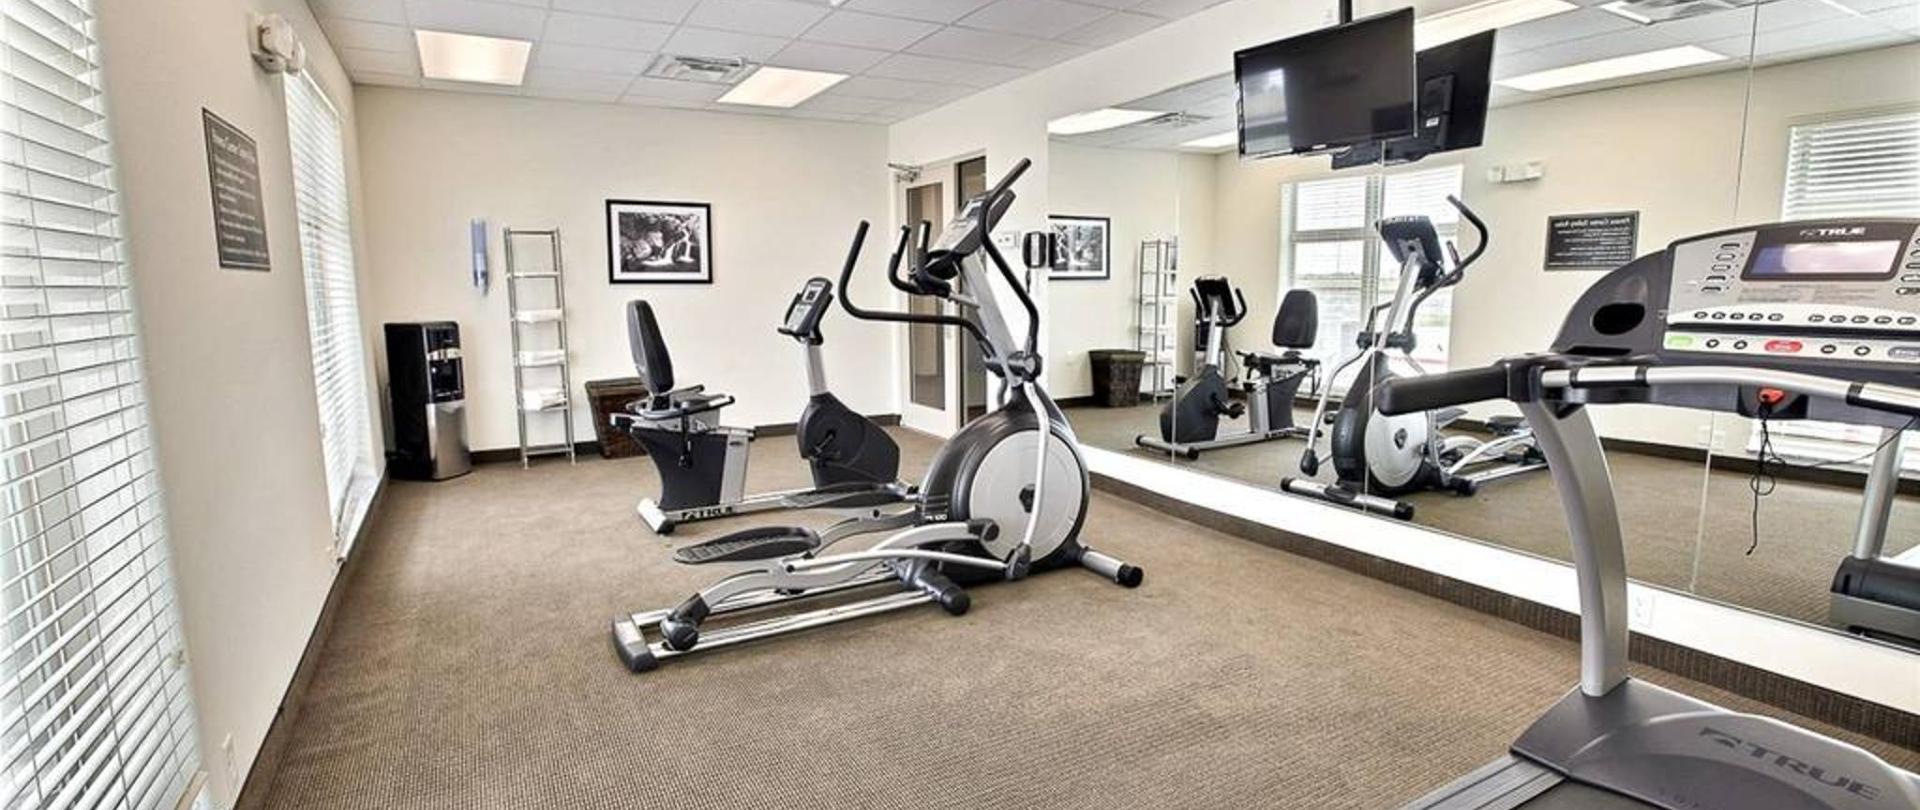 ok223-workout-rm24351.JPG.1024x0.JPG